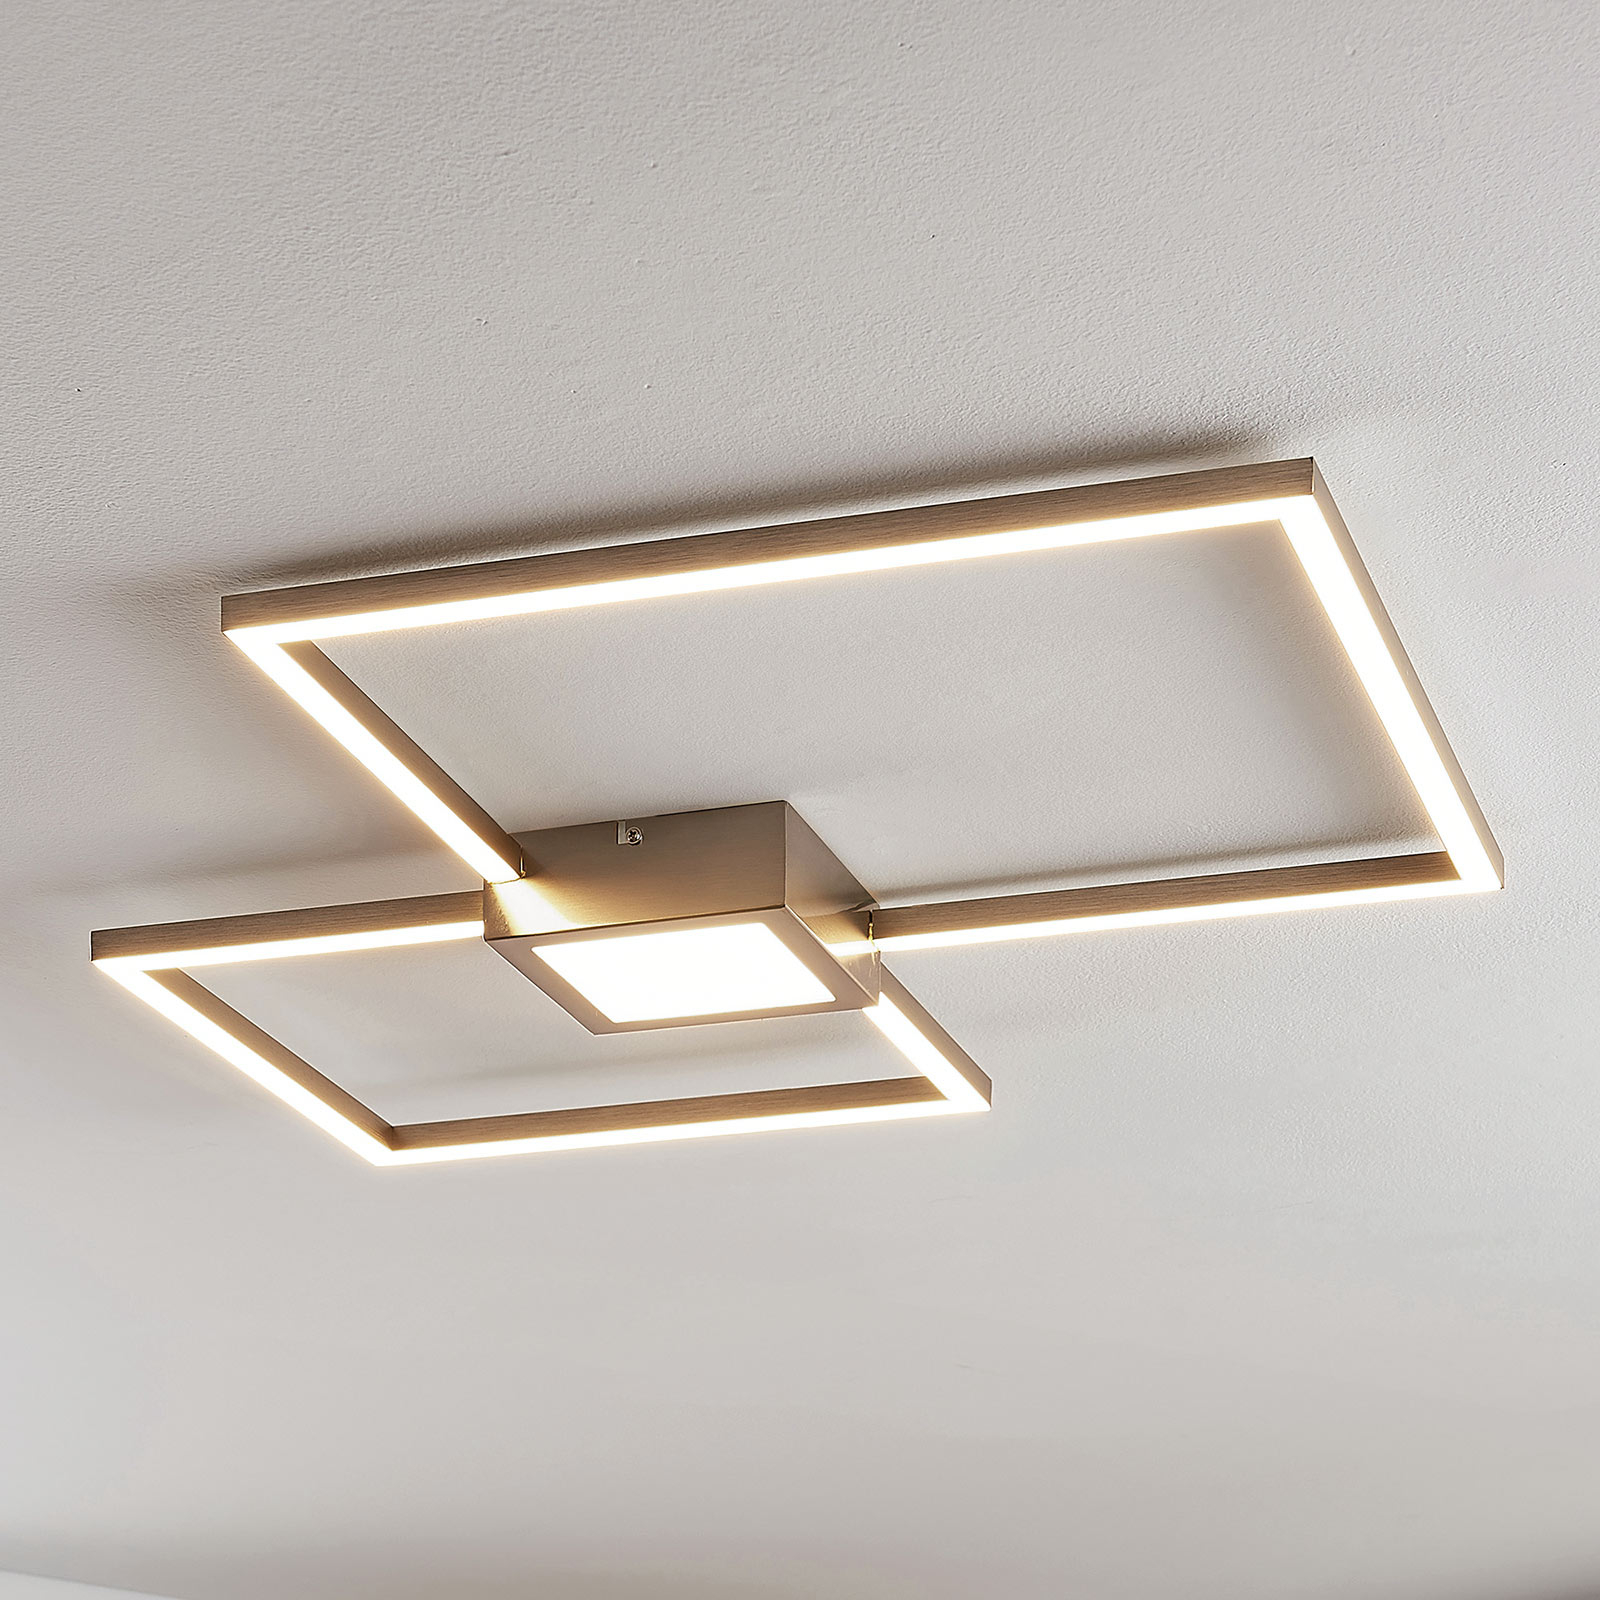 Plafonnier LED Duetto, carrés